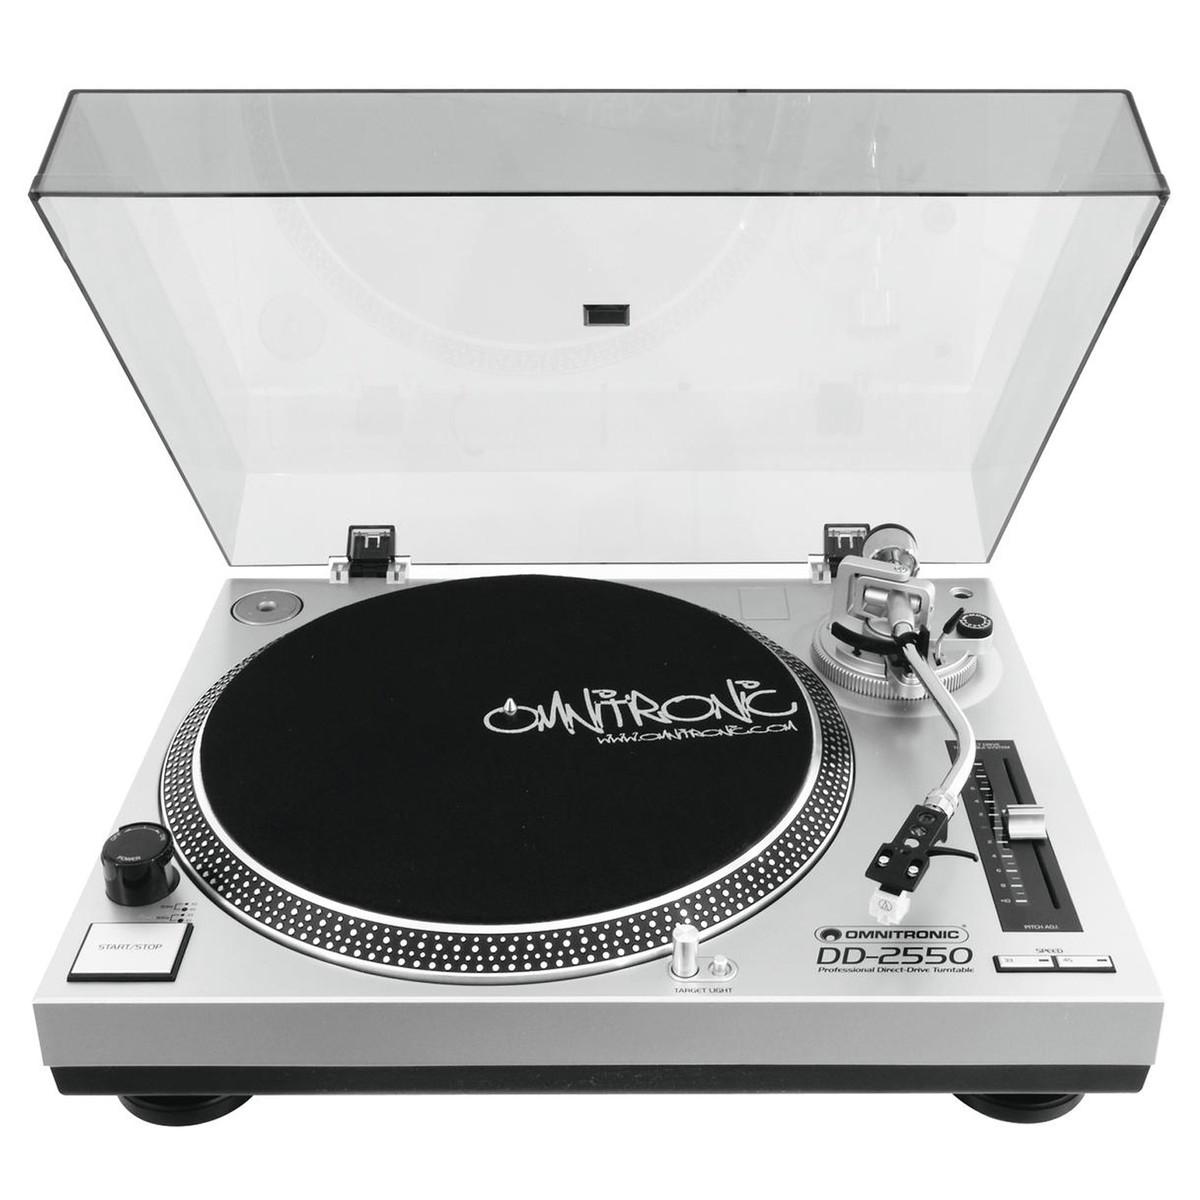 OMNITRONIC DD-2550 USB GIRADISCHI PER DJ TRAZIONE DIRETTA SILVER 1